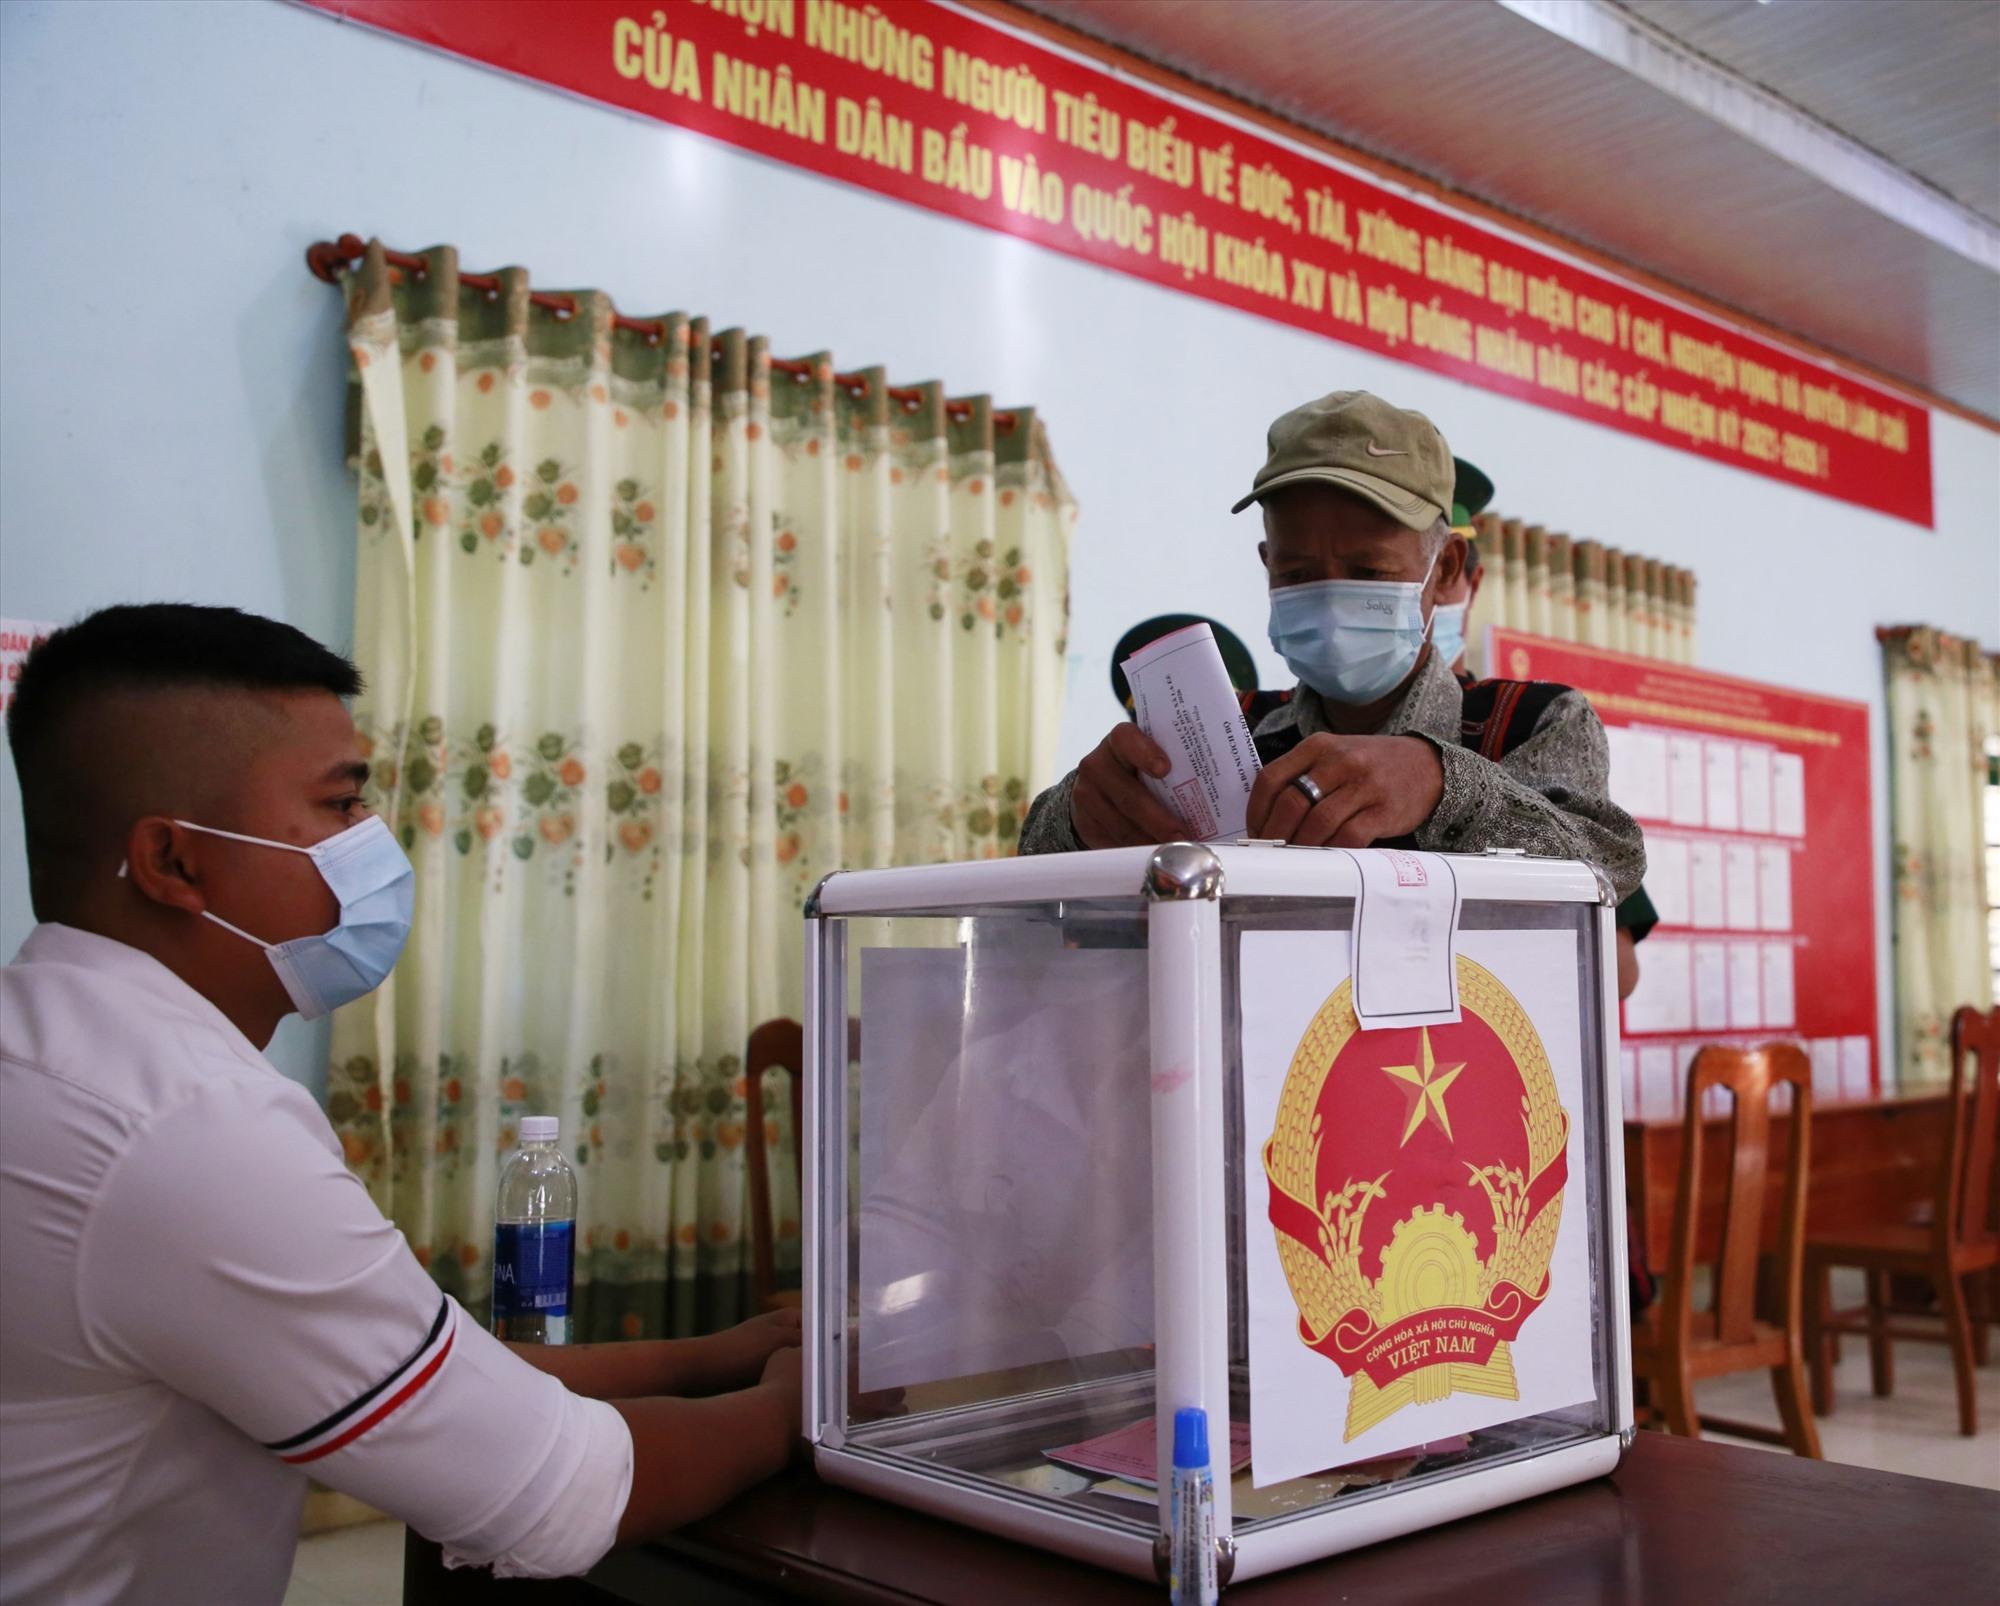 Kết quả việc tổ chức bầu cử sớm ngày 16.5 tại 6 xã vùng biên của huyện Nam Giang được UBBC tỉnh đánh giá, rút kinh nghiệm vào chiều nay 17.5. Ảnh: N.Đ